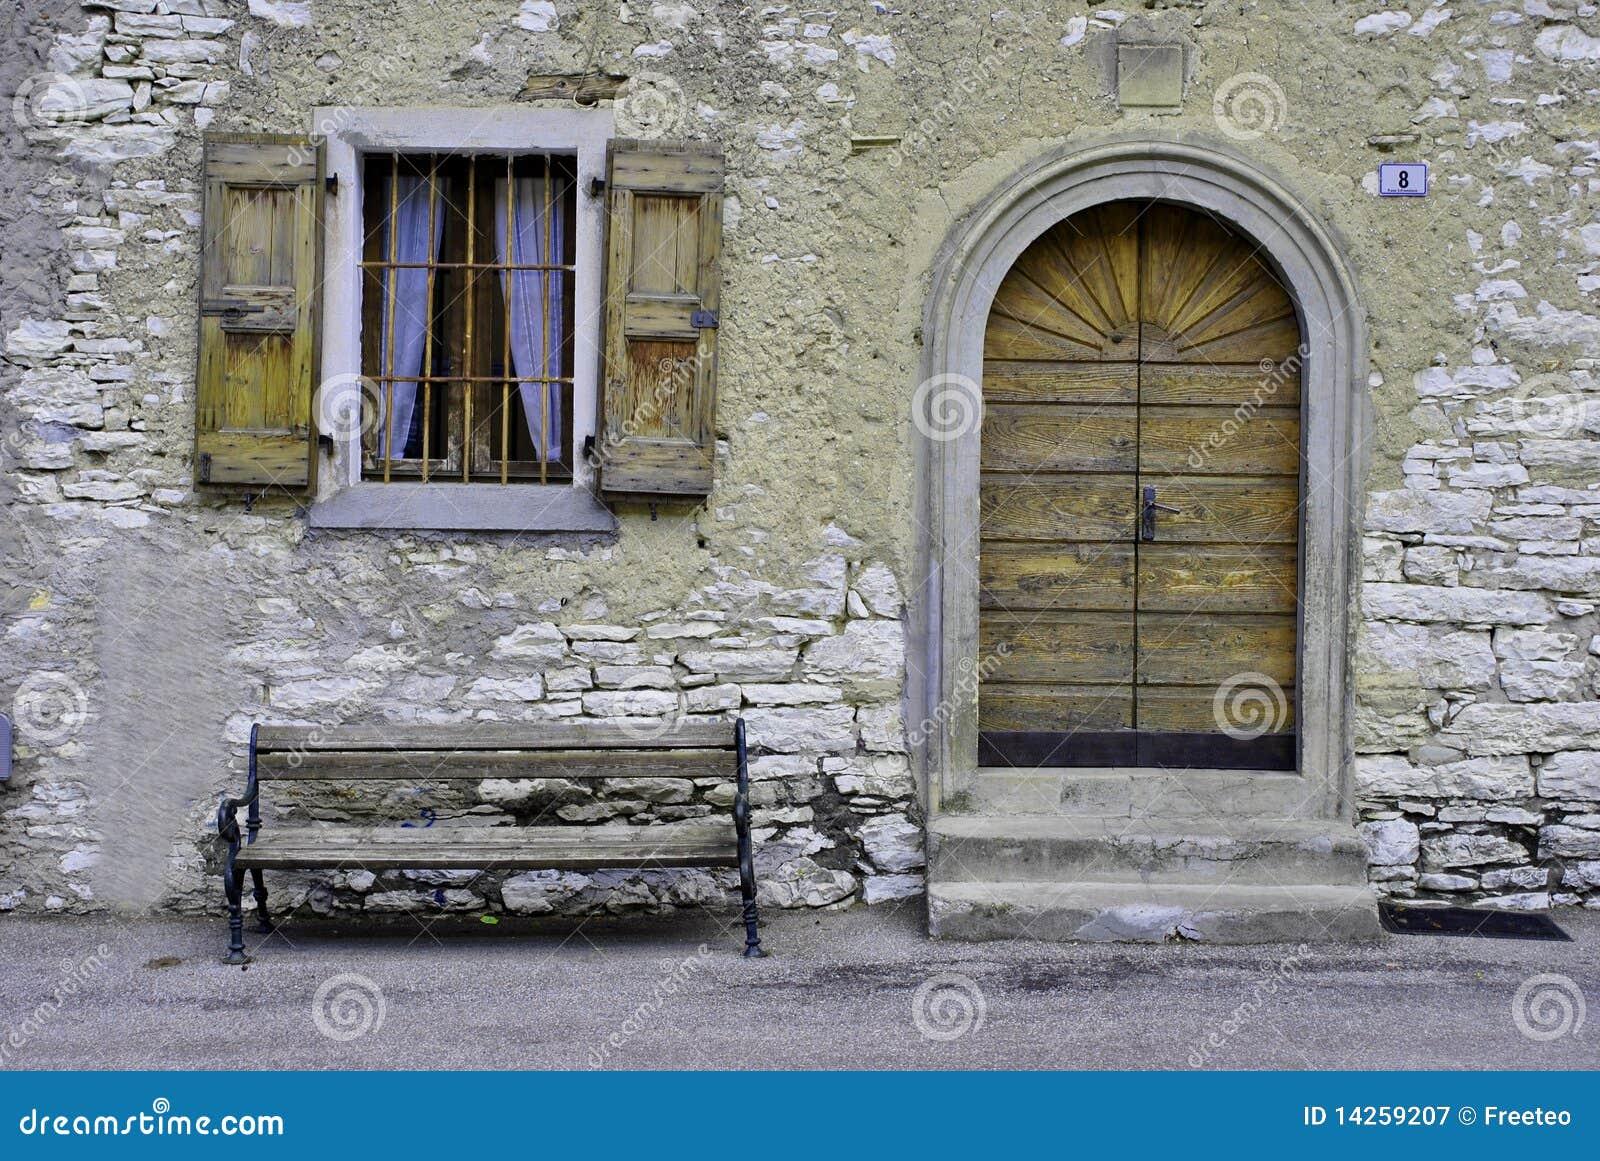 Facciata rustica fotografia stock libera da diritti - Tende casa rustica ...